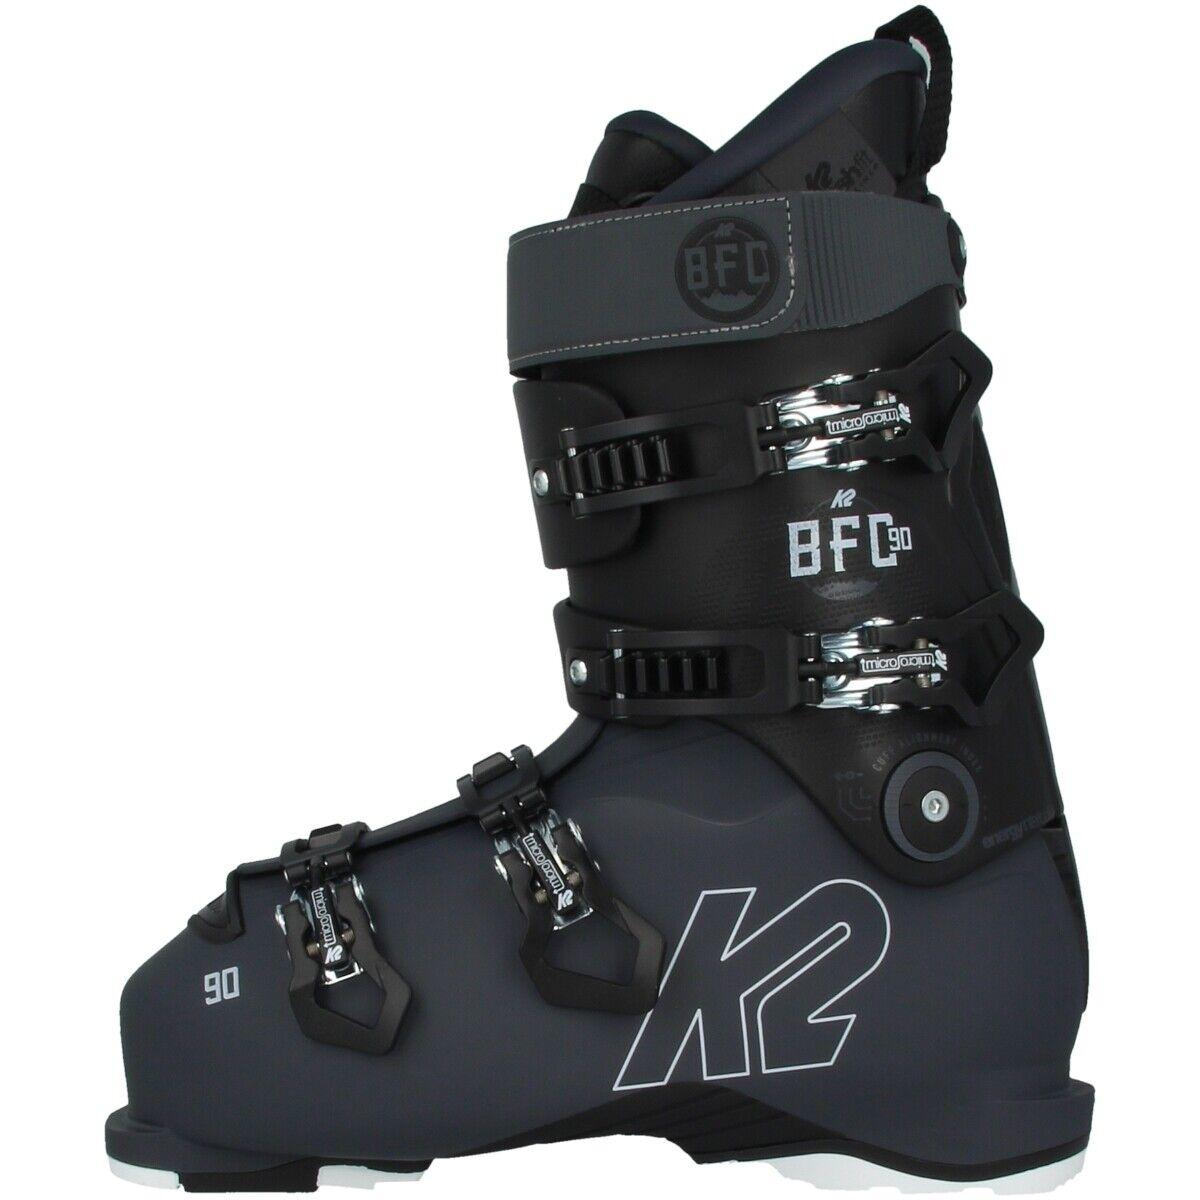 K2 BFC 90 Sautoponi Uomo sautopone sci alpinismo skistivali skistivali skistivali Sautope Invernali Stivali grigio 10d2200 6b5